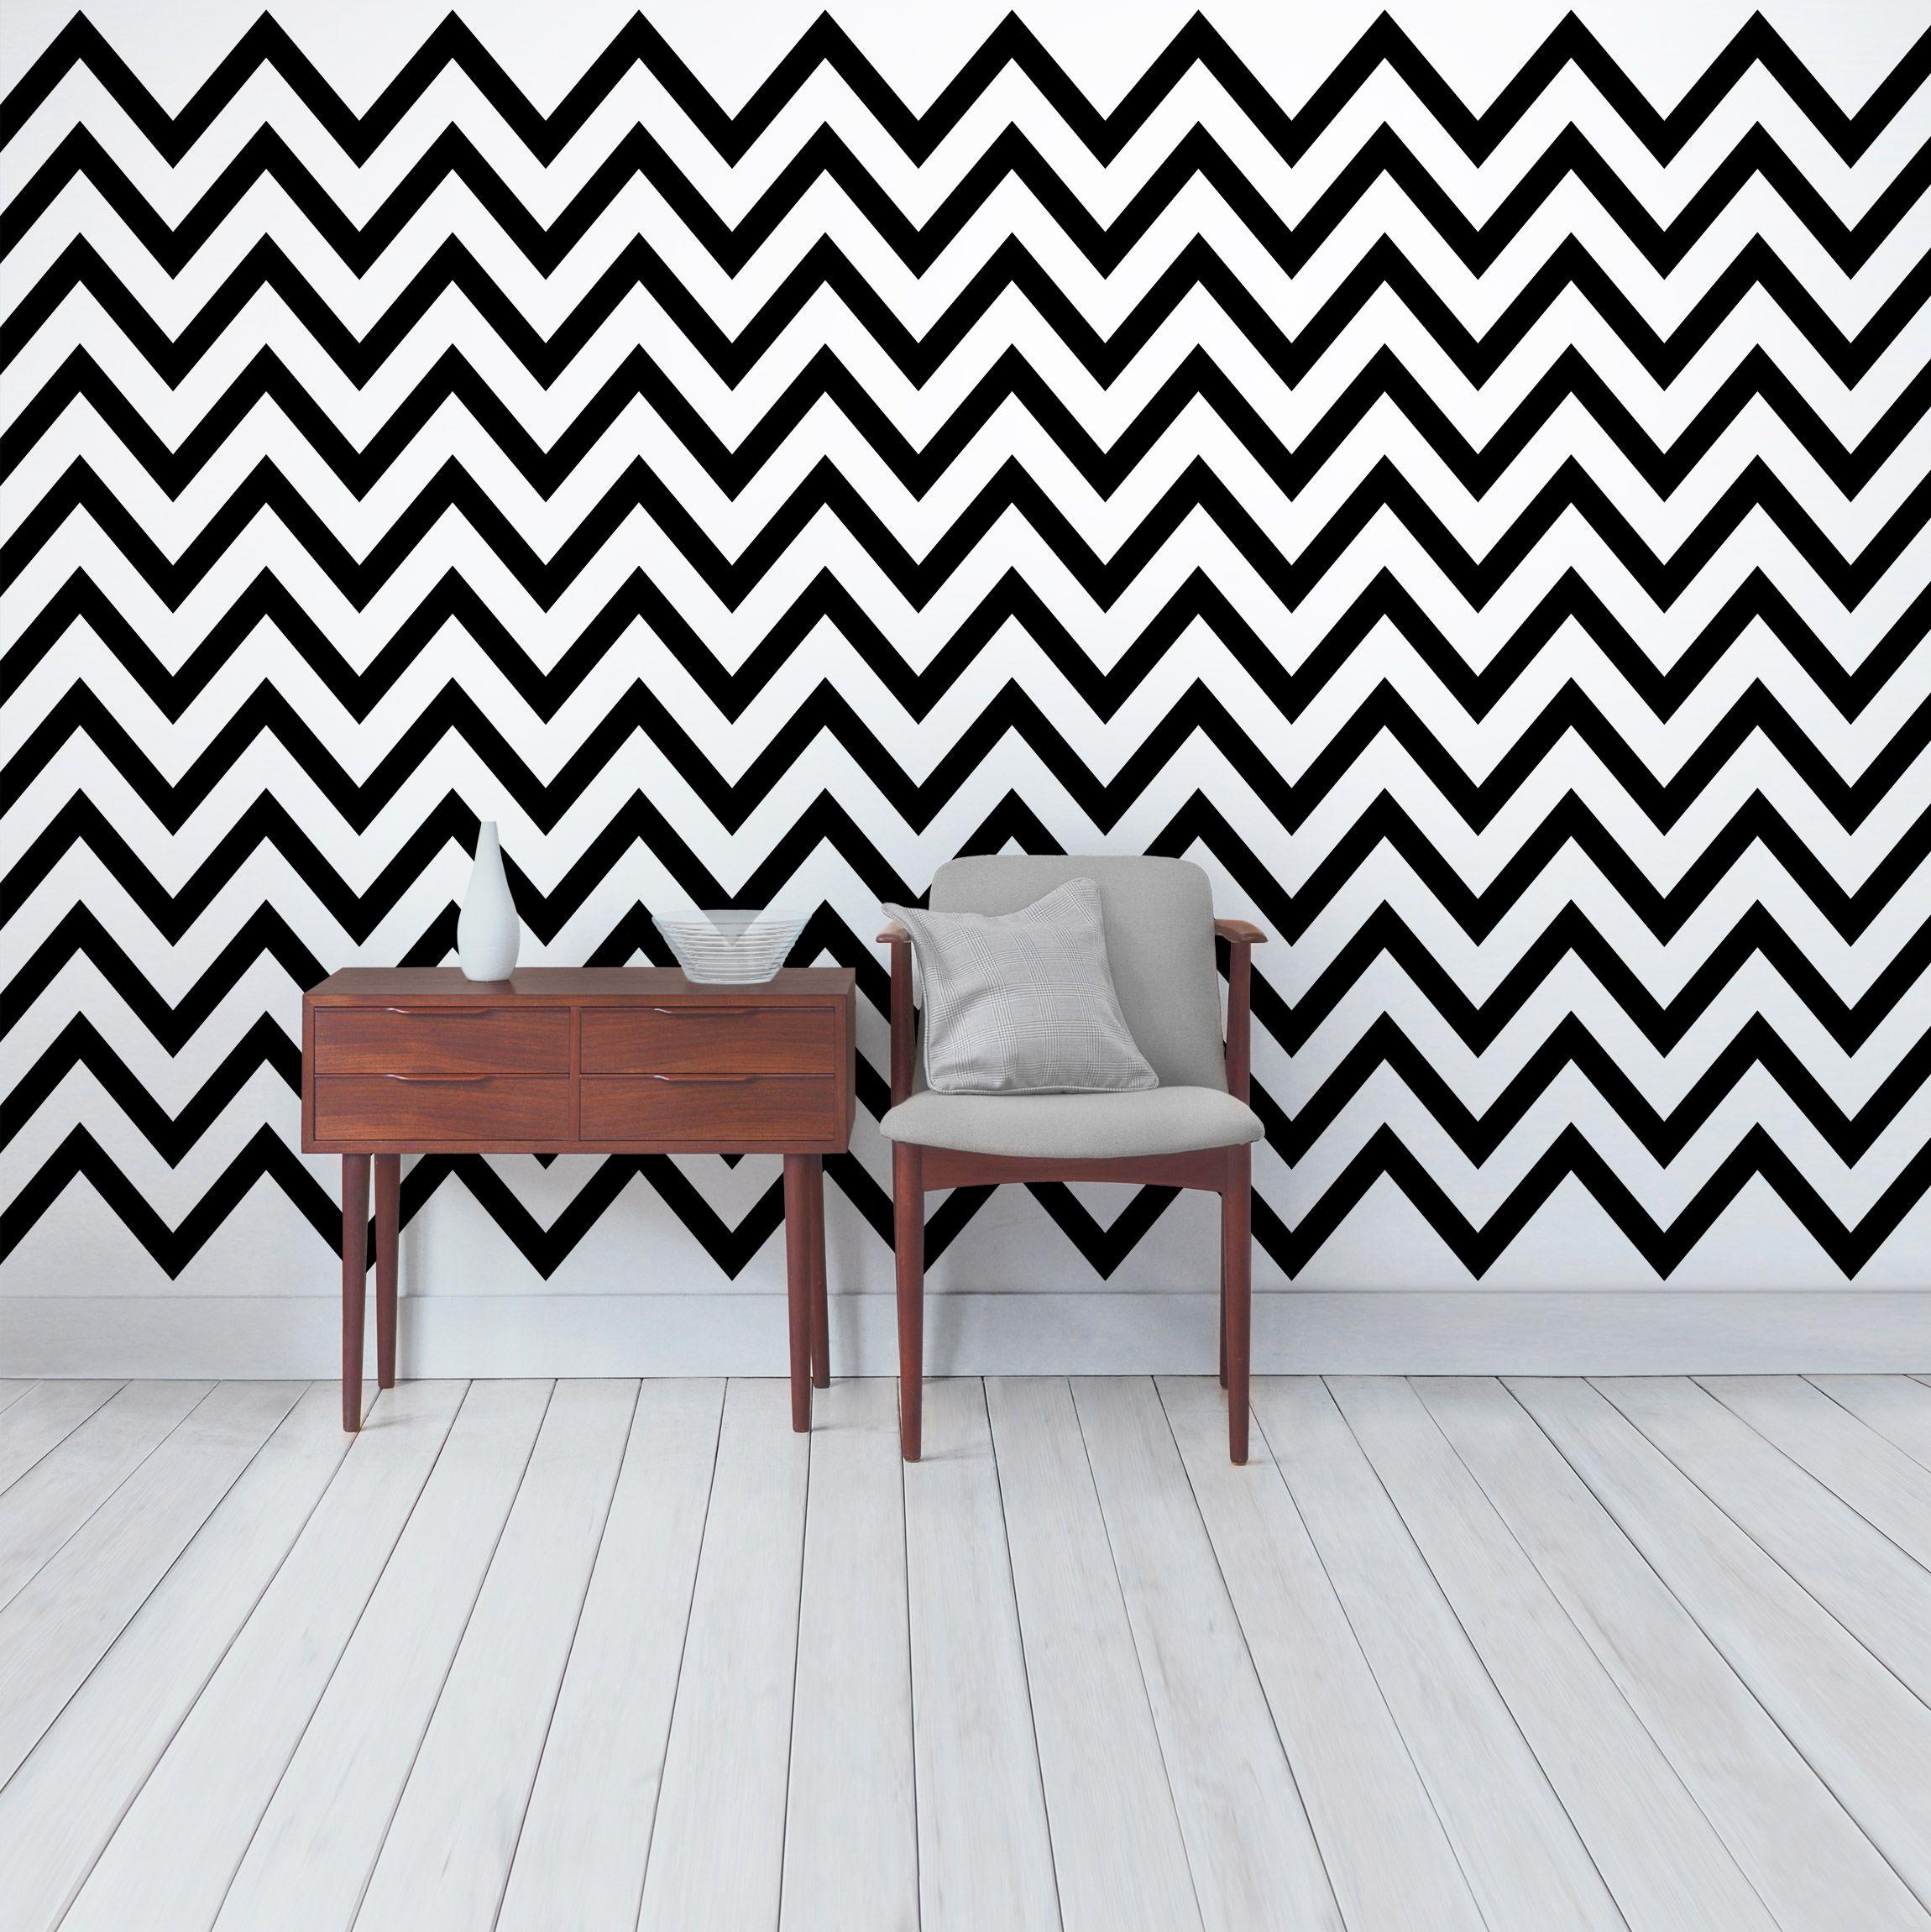 36 Design Tapeten Wohnzimmer | Haus Ideen - Part 9